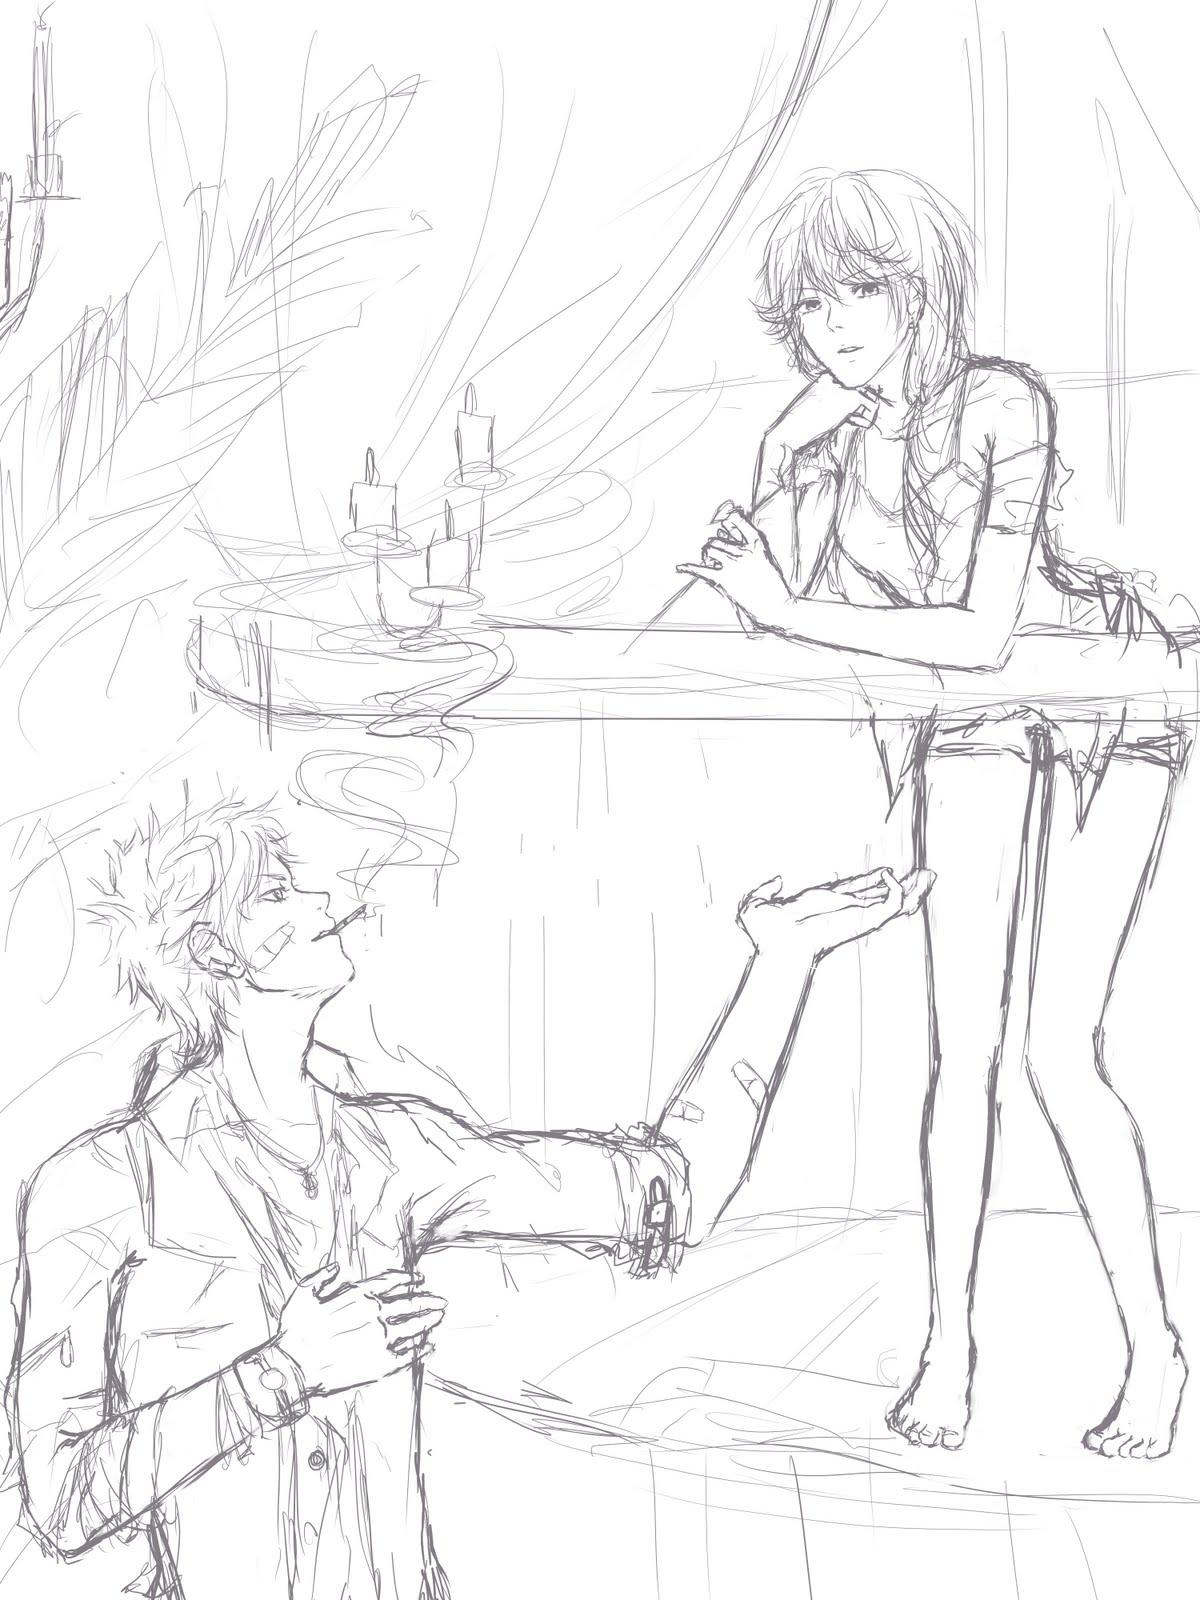 1200x1600 StickyLeaf#39s Sketch Blog Modern Romeo and Juliet